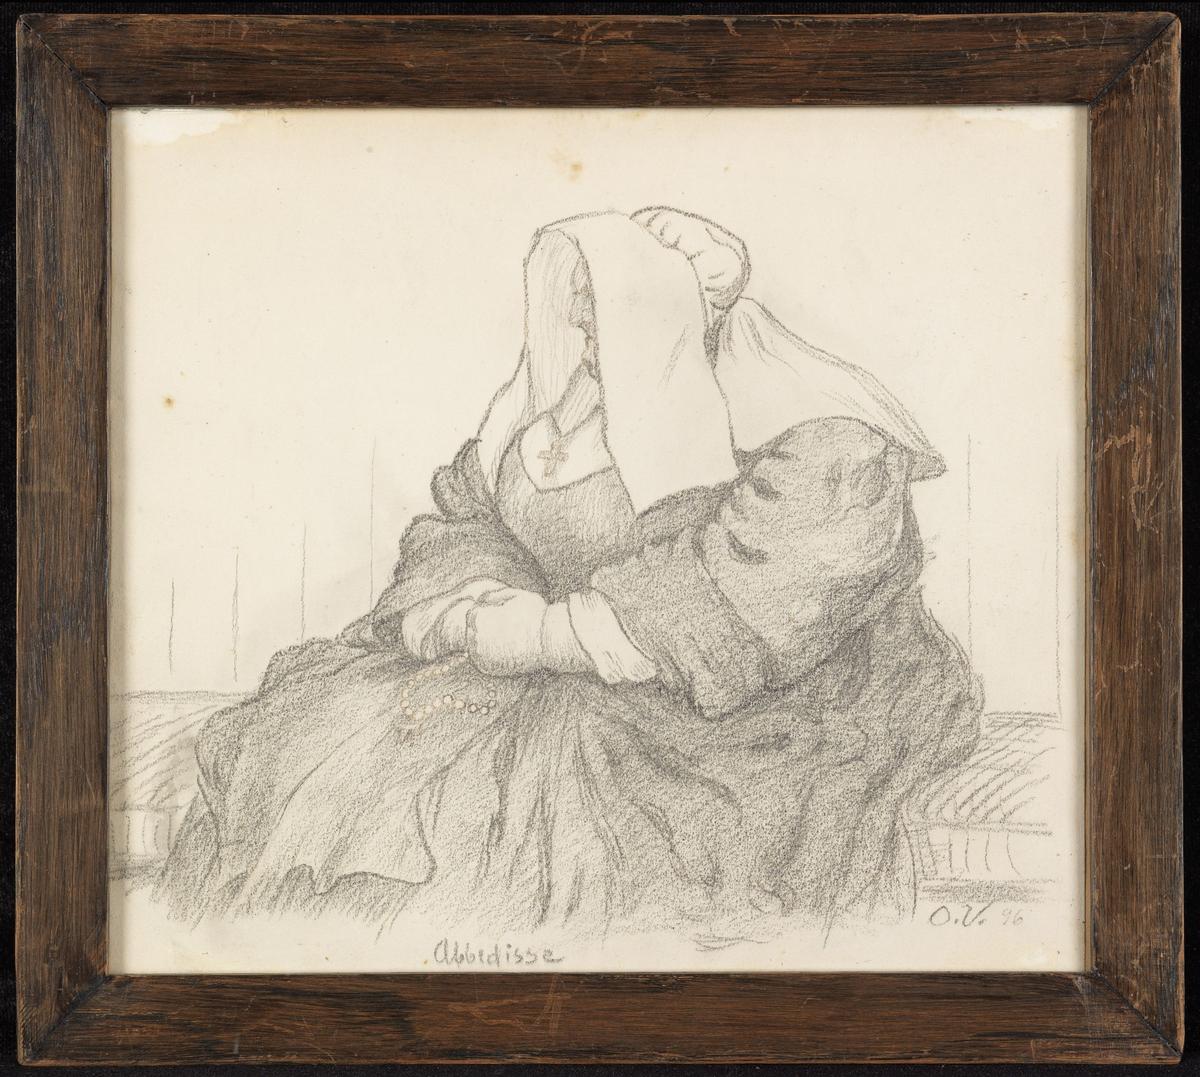 Kvinne, tykk, sittende, knestk., nonnedrakt, hendene i fanget, kors, rosenkrans.